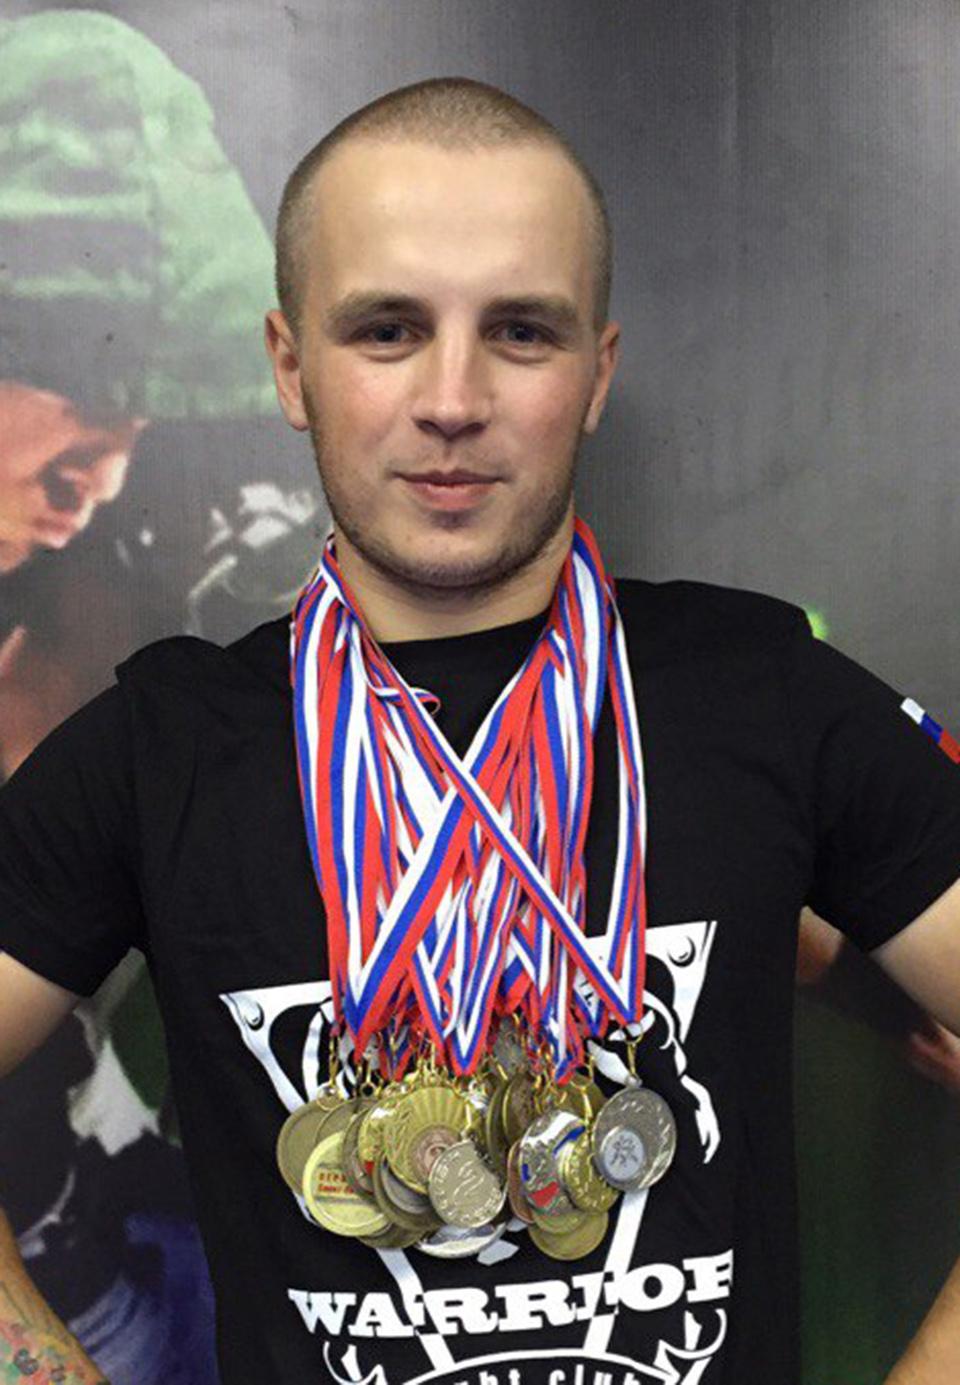 Денис Петров, 25 лет